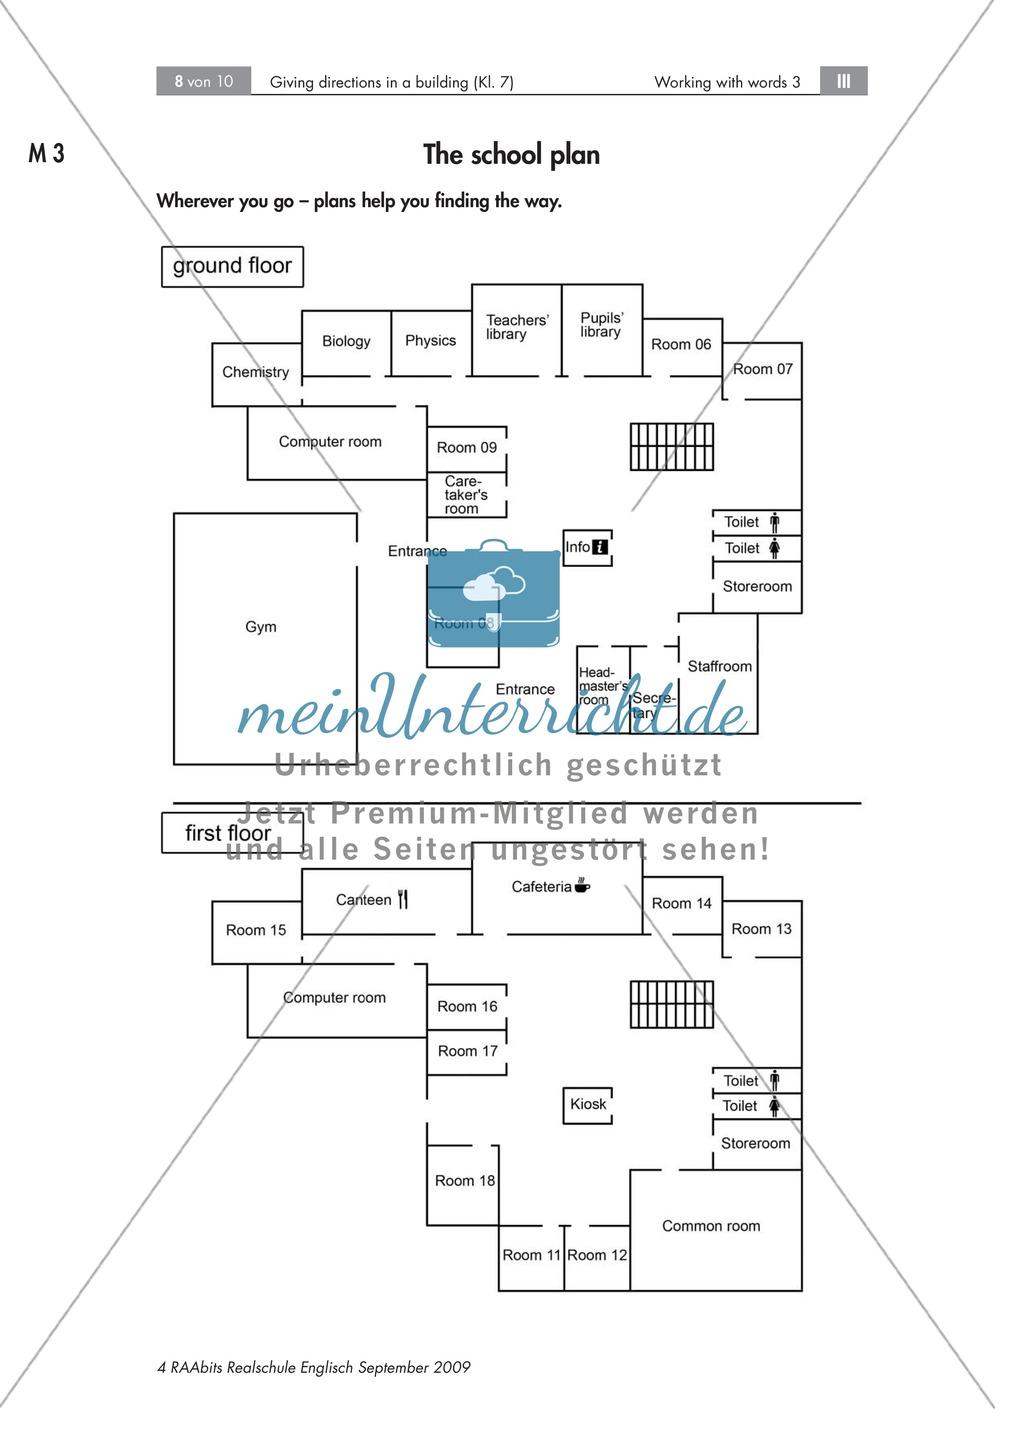 Giving directions in a building - Beschreiben des Weges zwischen zwei Räumen + Arbeitsblätter + Tipps Preview 0